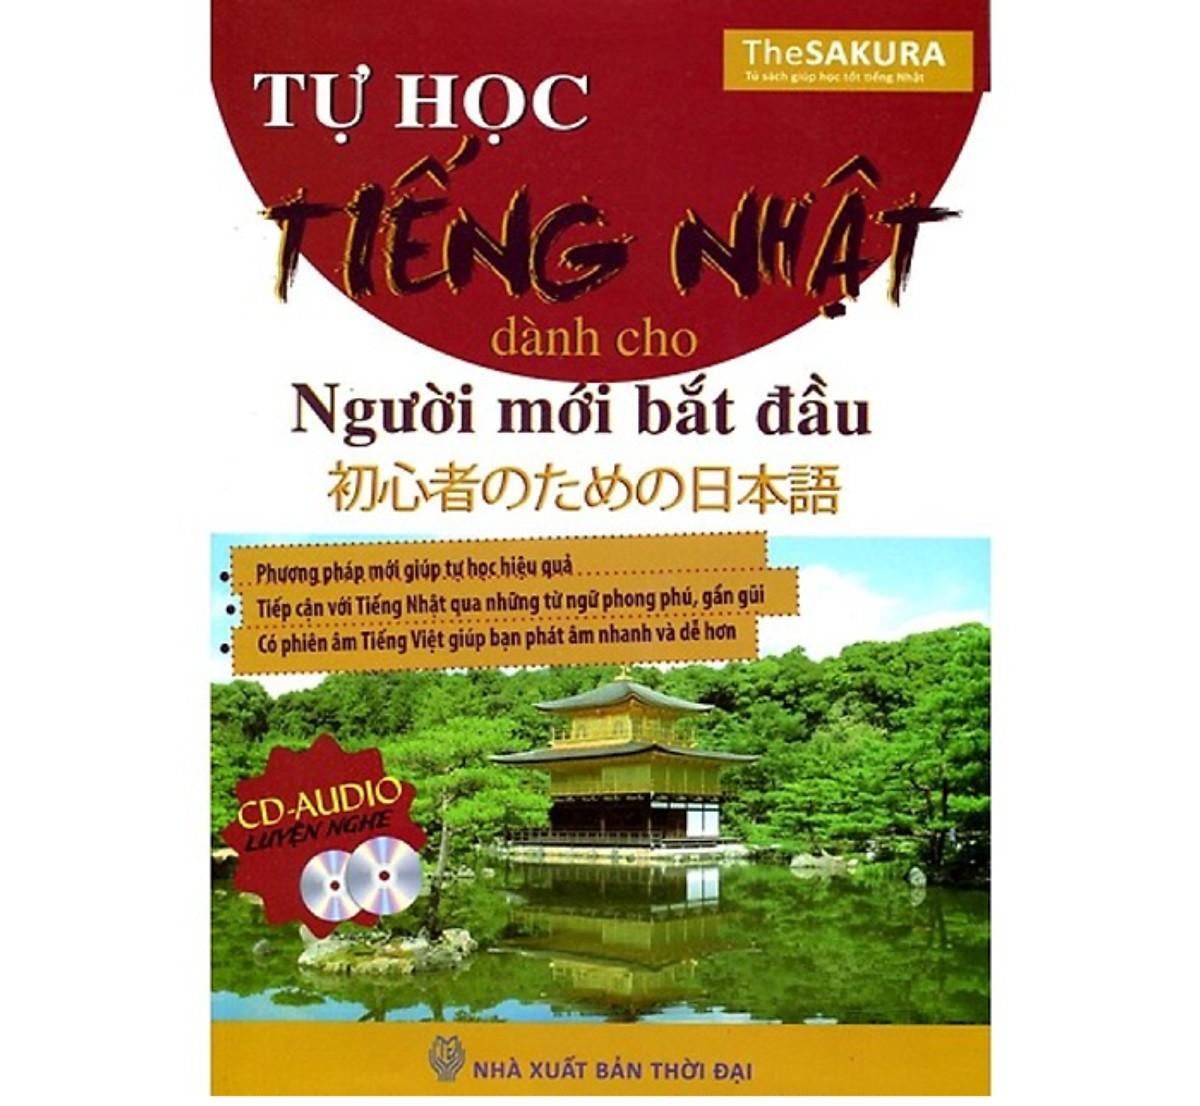 Combo Tự Học Tiếng Nhật Dành Cho Người Mới Bắt Đầu (Tặng kèm Kho Audio Books)